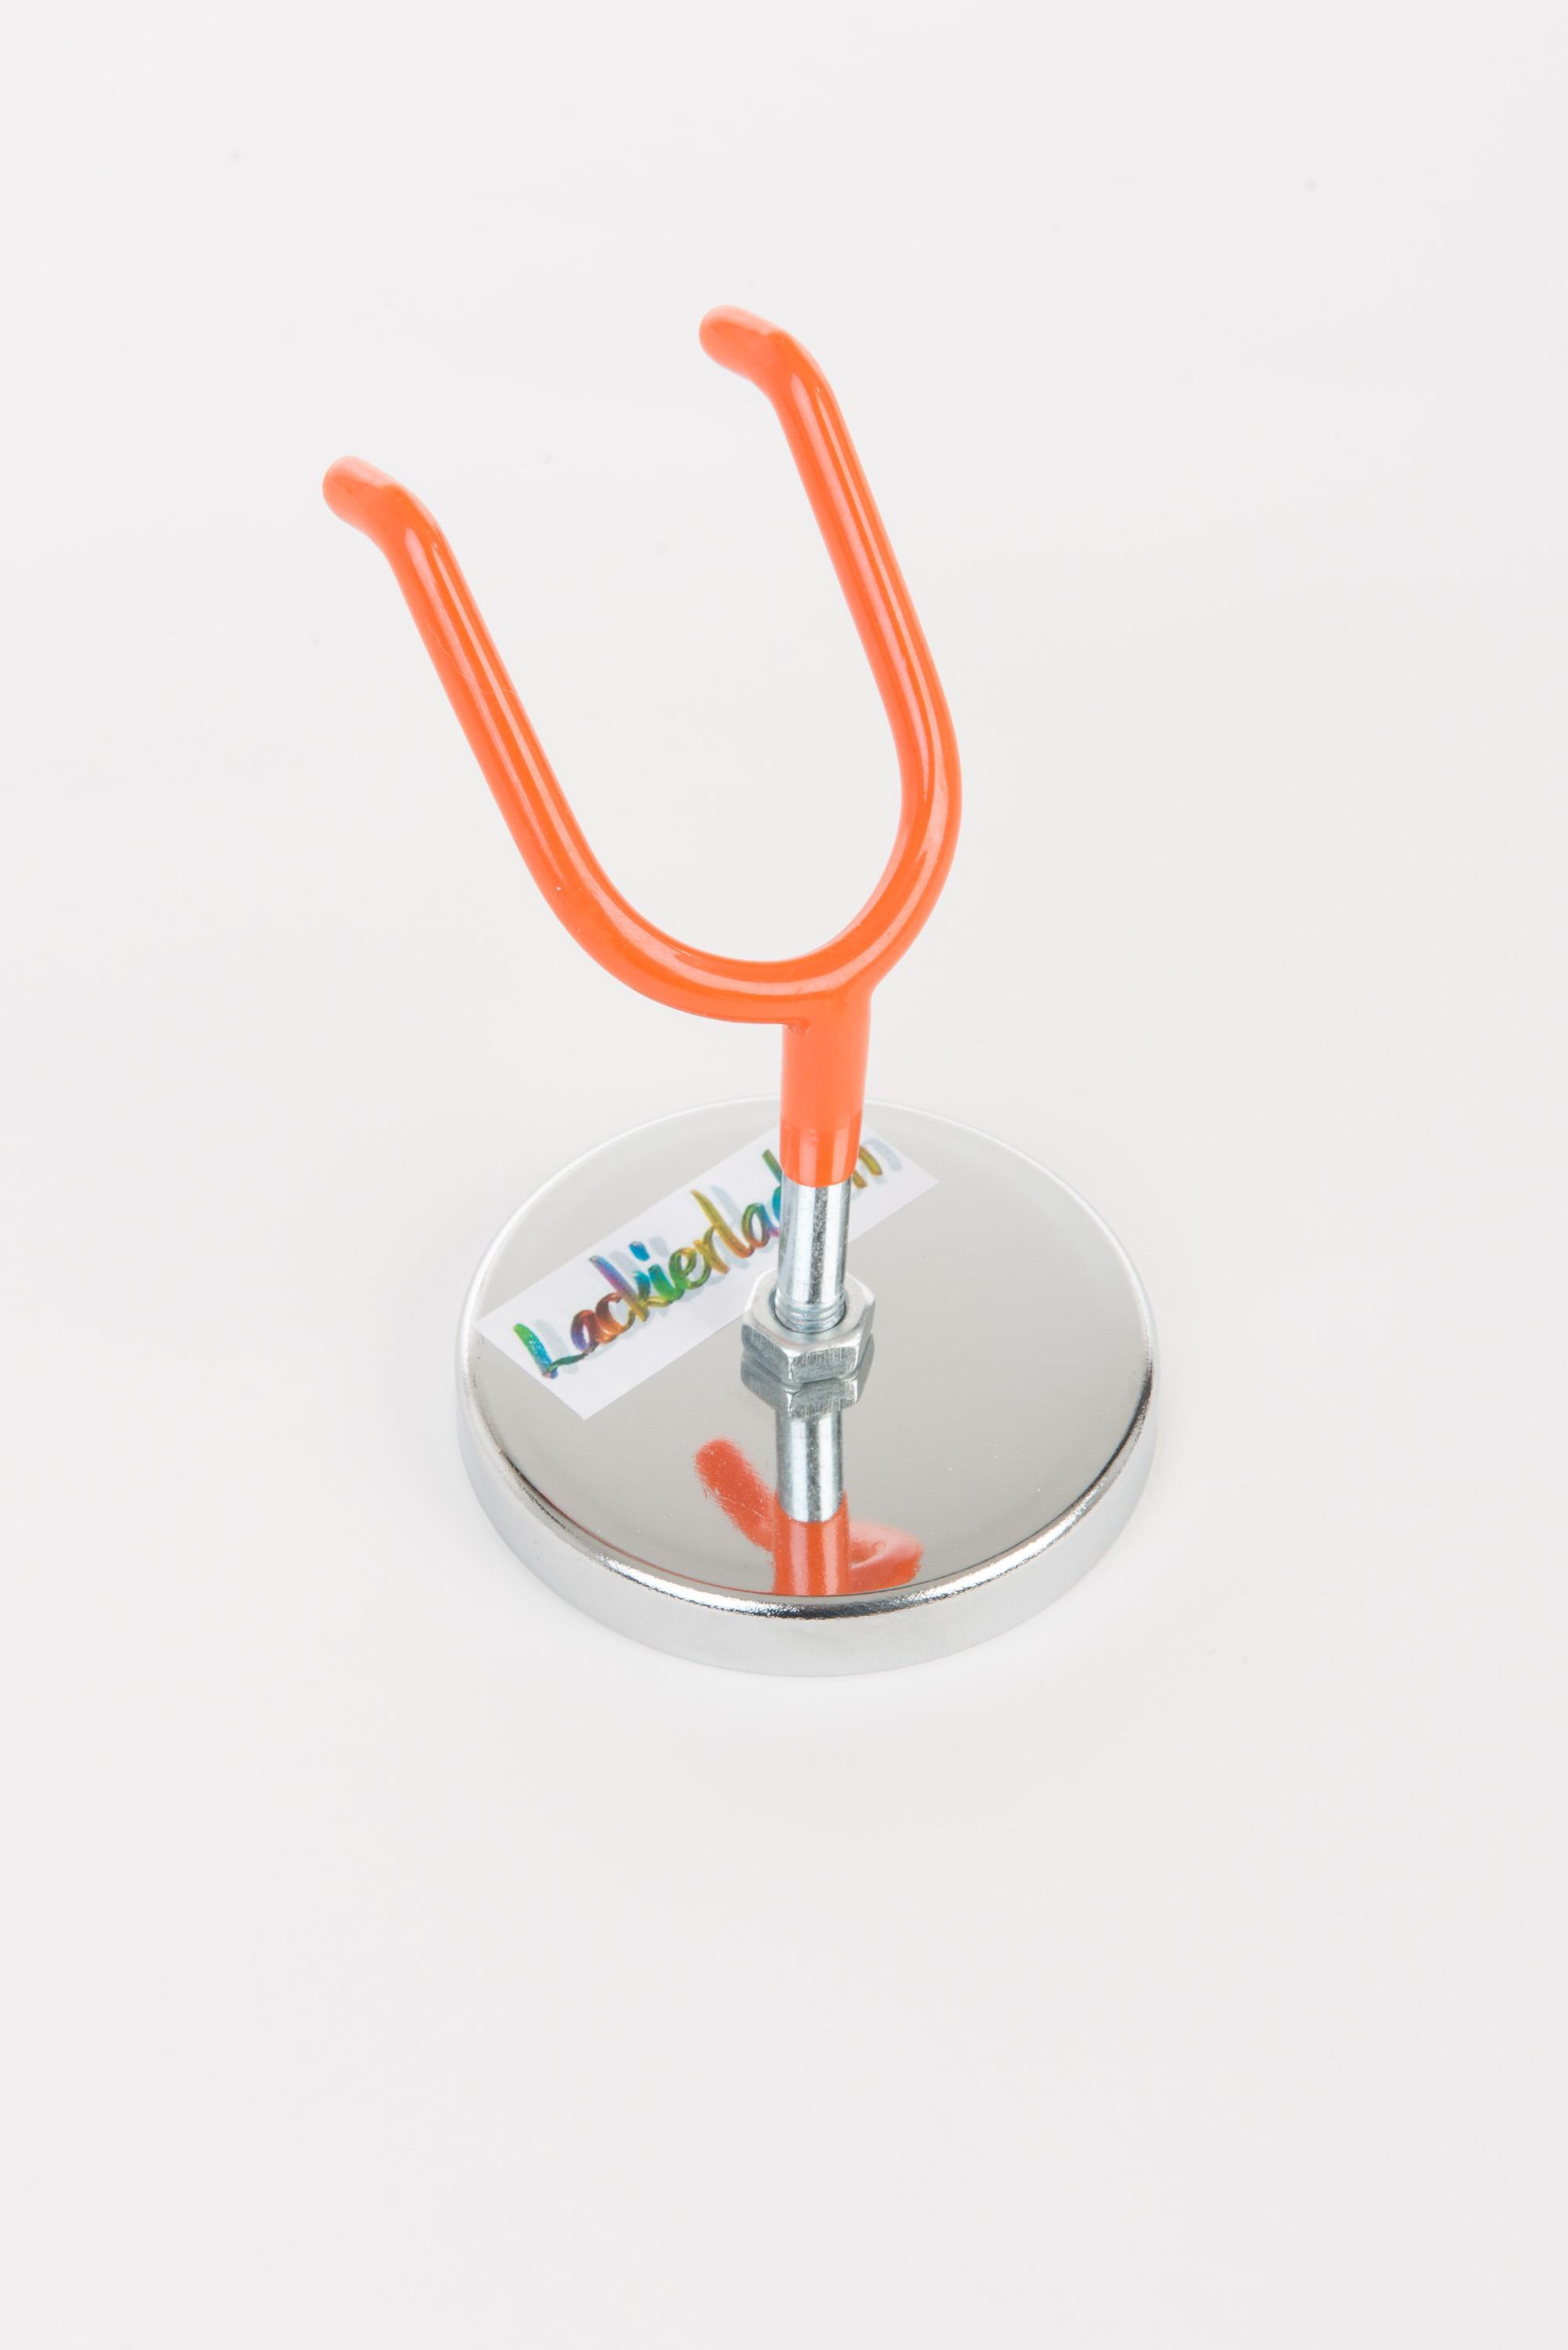 Lackierpistolen Halter magnetisch 1 fach